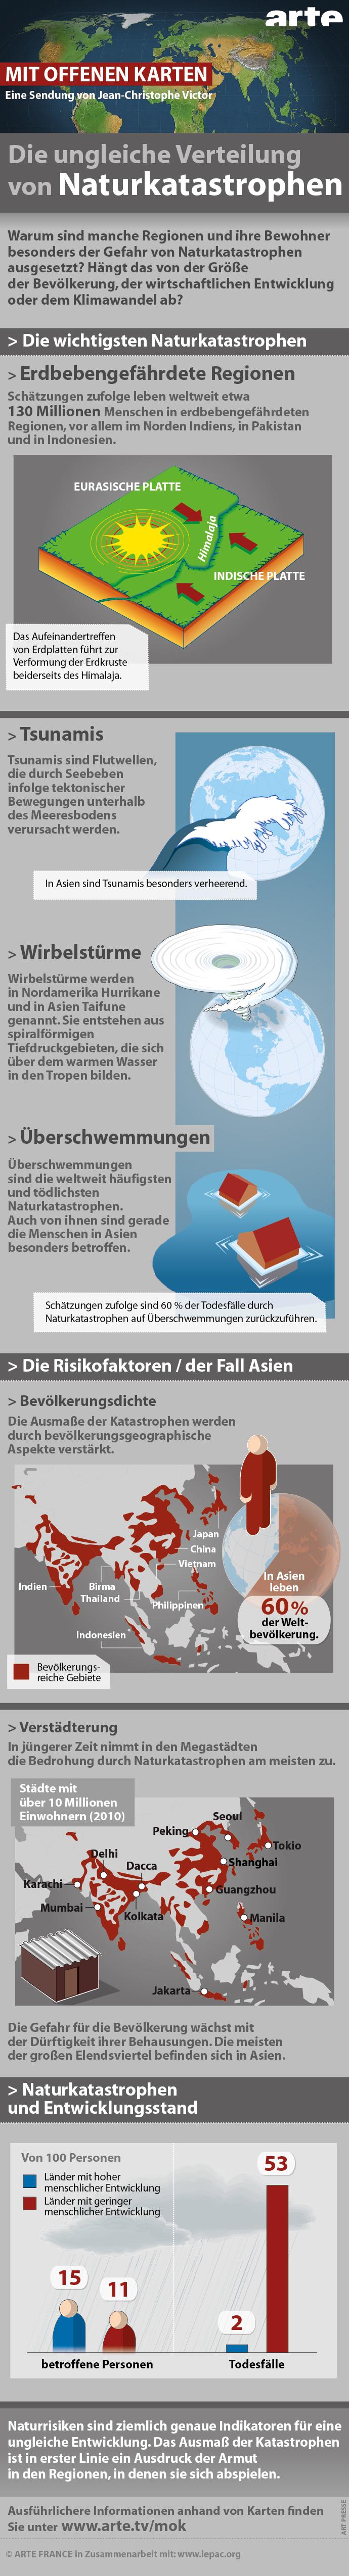 Infografik: Die ungleiche Verteilung von Naturkatastrophen